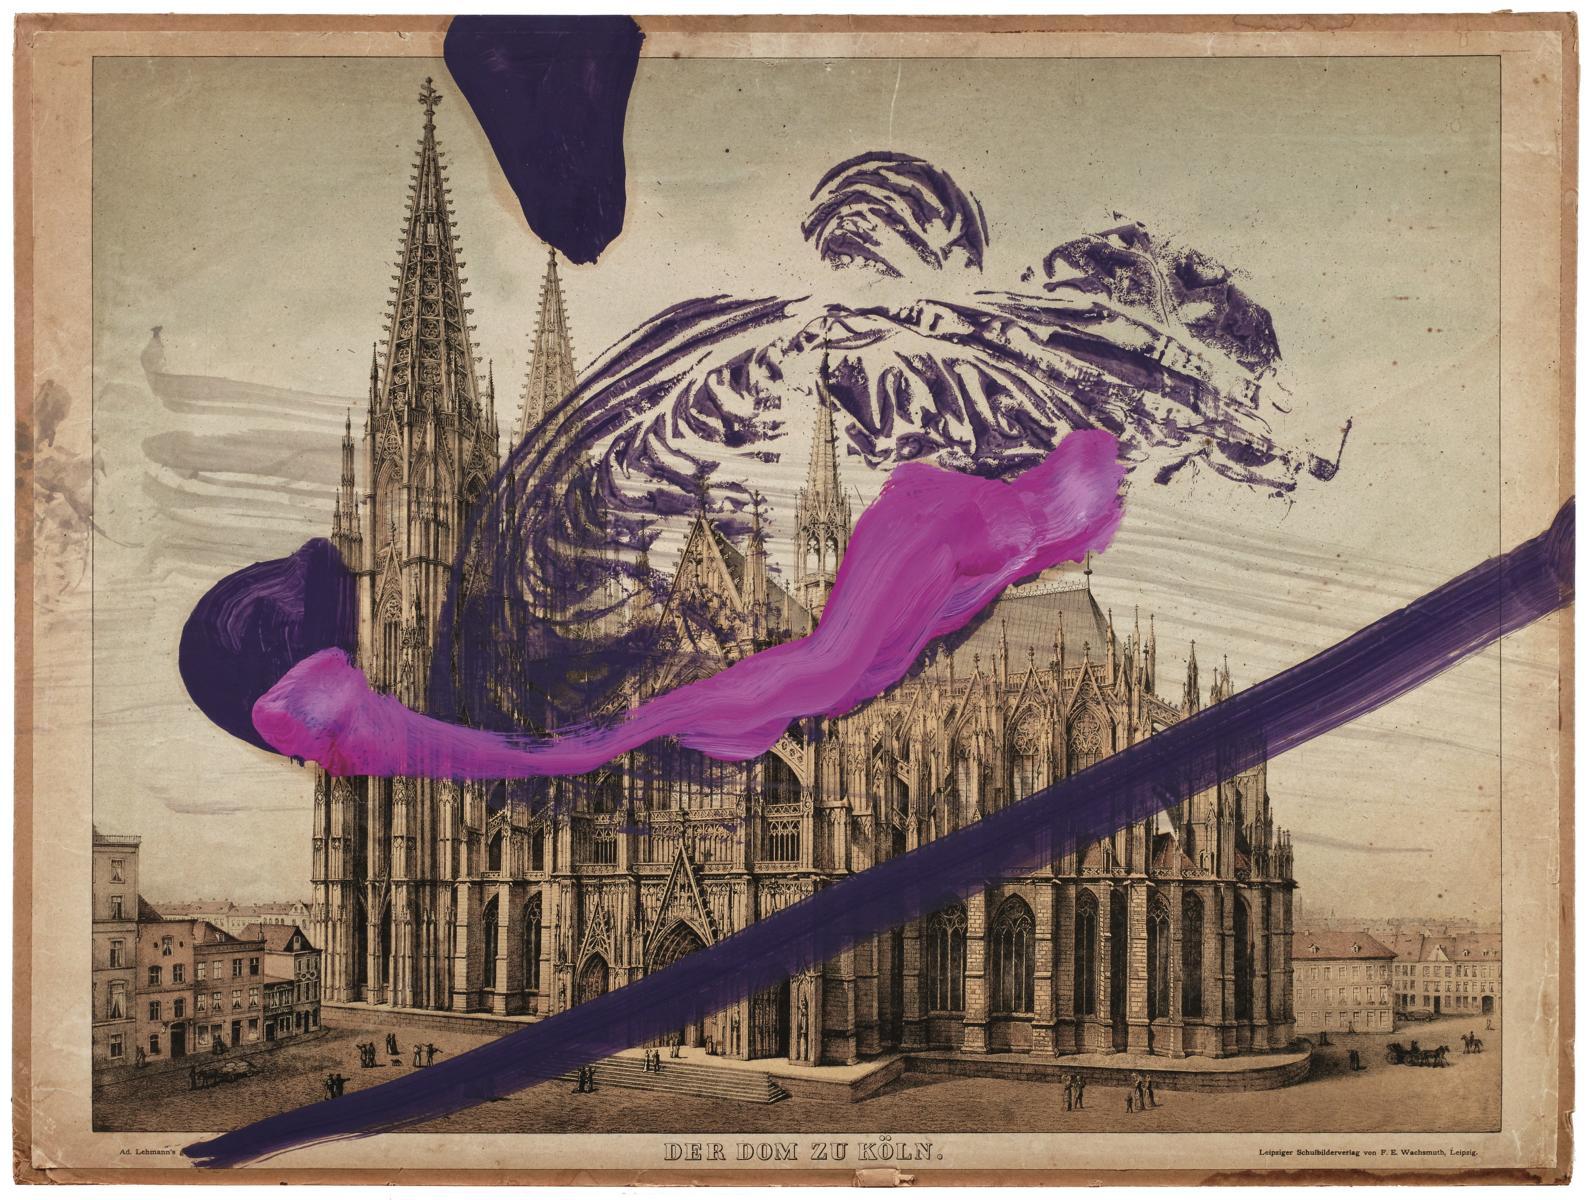 Untitled (Dom zu Köln), 2016 Pigmentdruck auf Faserpapier, kaschiert auf Karton 106.5 x 80 cm Auflage: 60 + AP, signiert, arabisch nummeriert